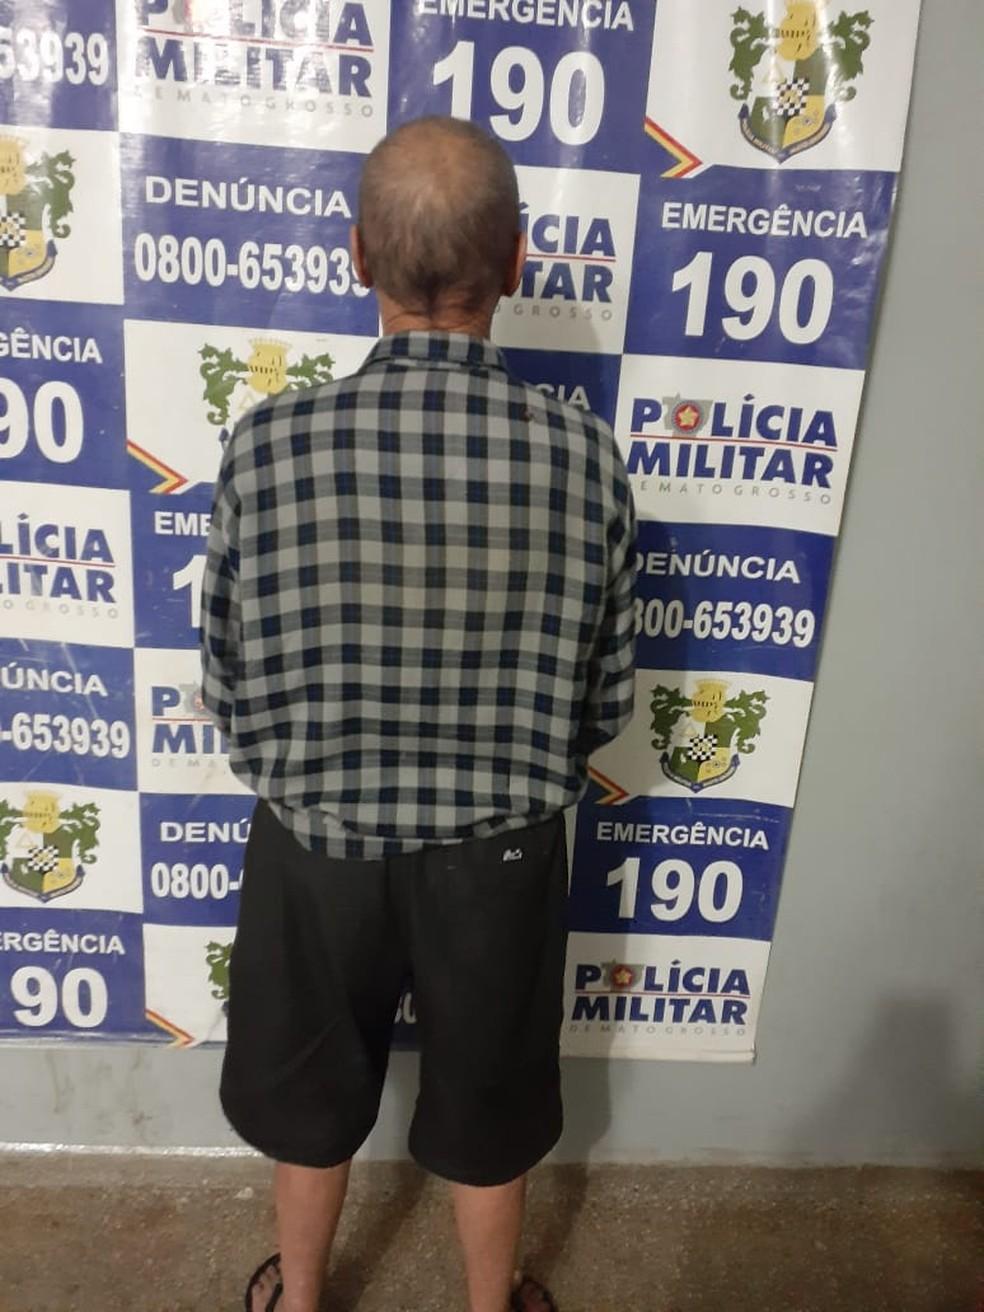 Idoso, de 79 anos, foi levado à delegacia da Polícia Civil de Rondonópolis suspeito de agredir a mulher, de 71 anos — Foto: Polícia Militar de Rondonópolis/Divulgação